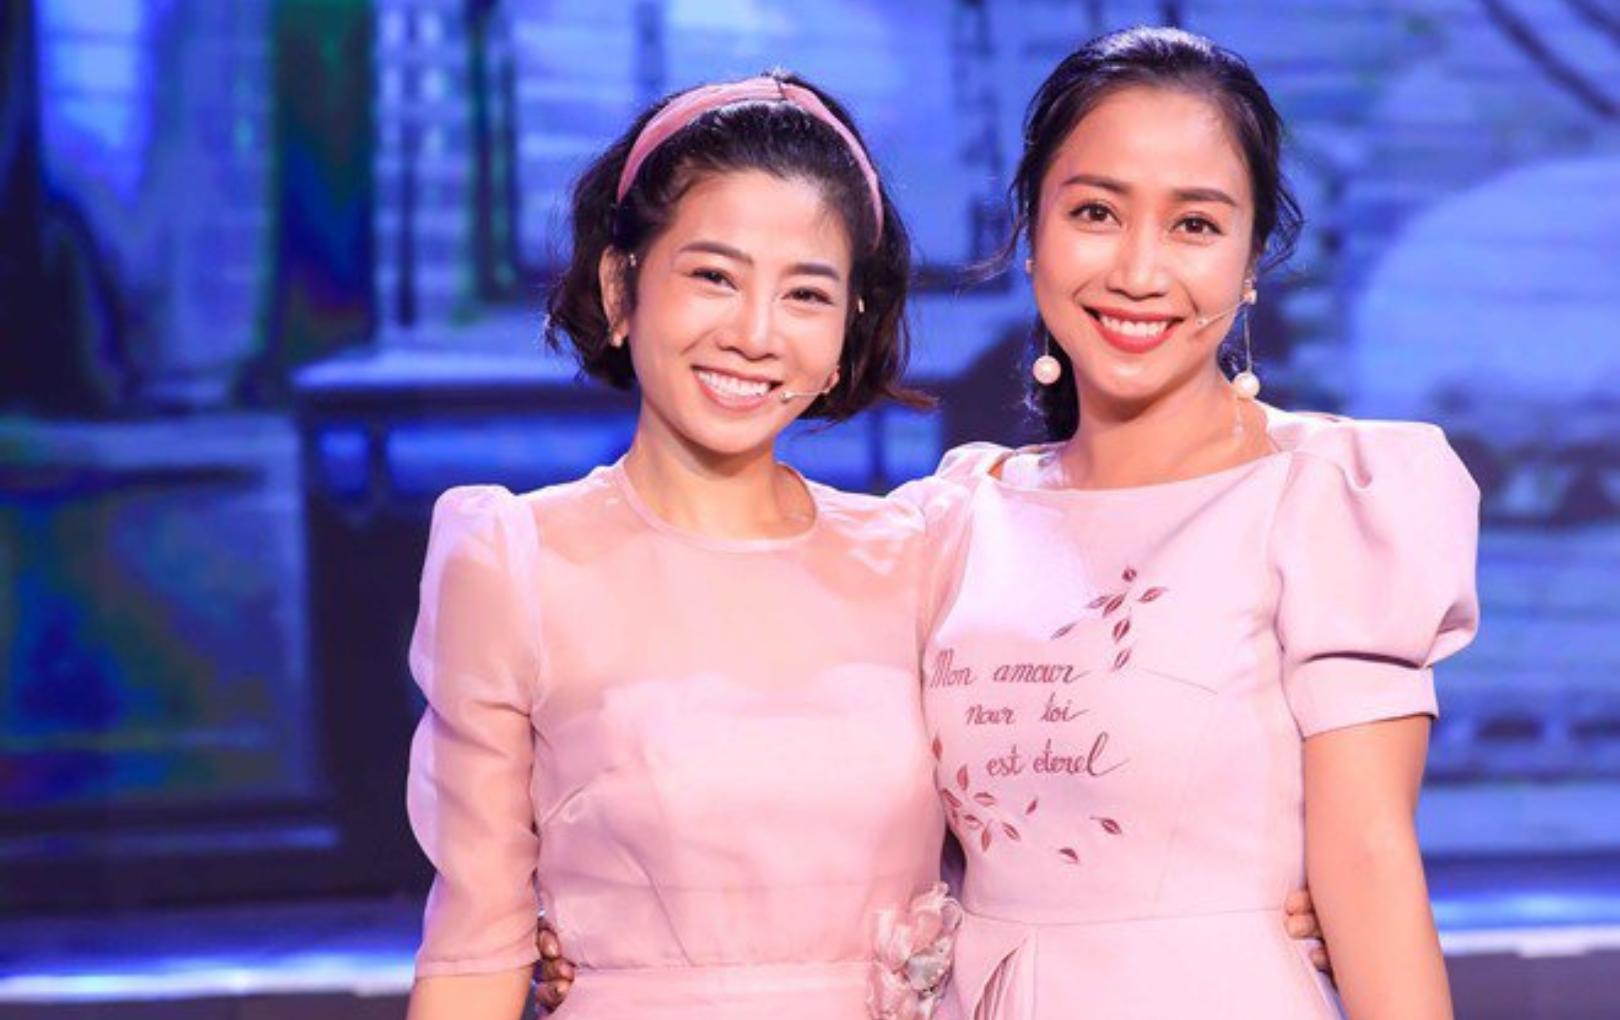 Ốc Thanh Vân phẫn nộ khi bị chỉ trích lợi dụng Mai Phương để đánh bóng tên tuổi